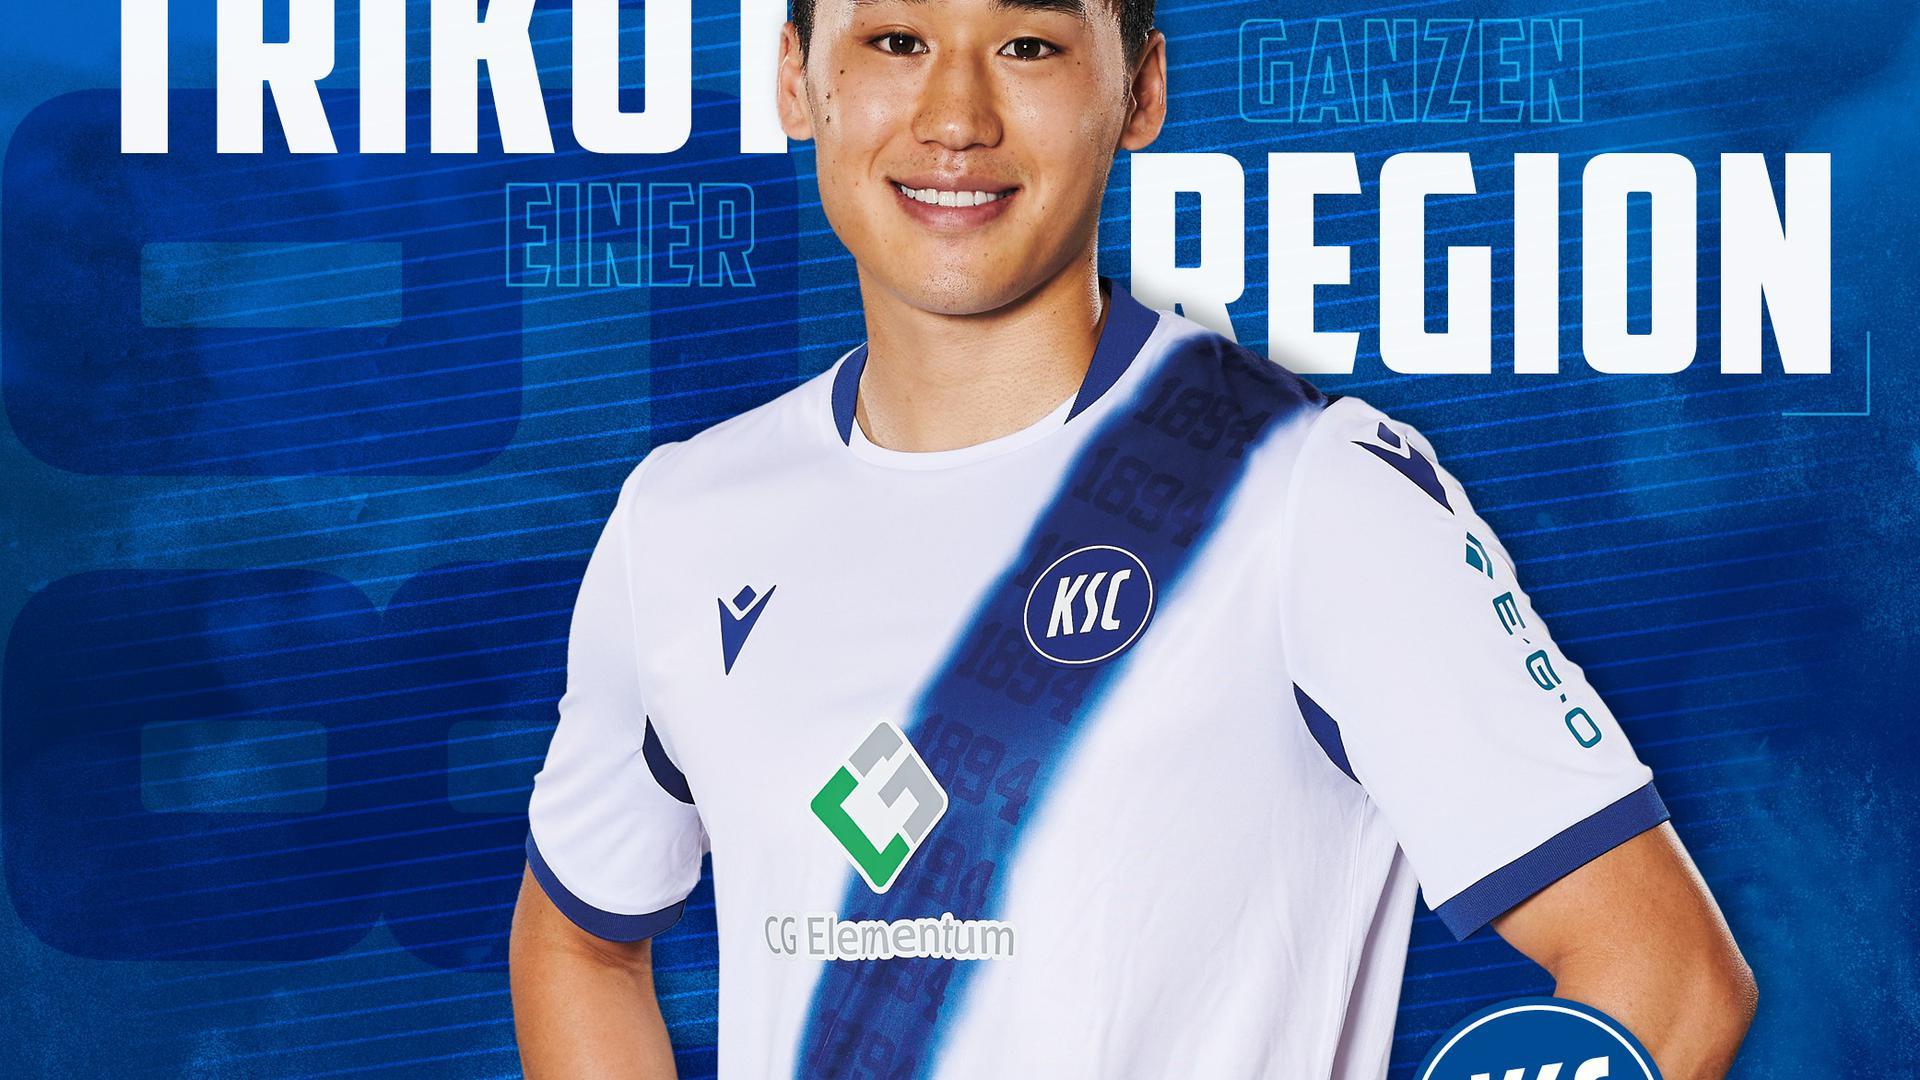 Auswärtstrikot KSC Saison 2021/2022